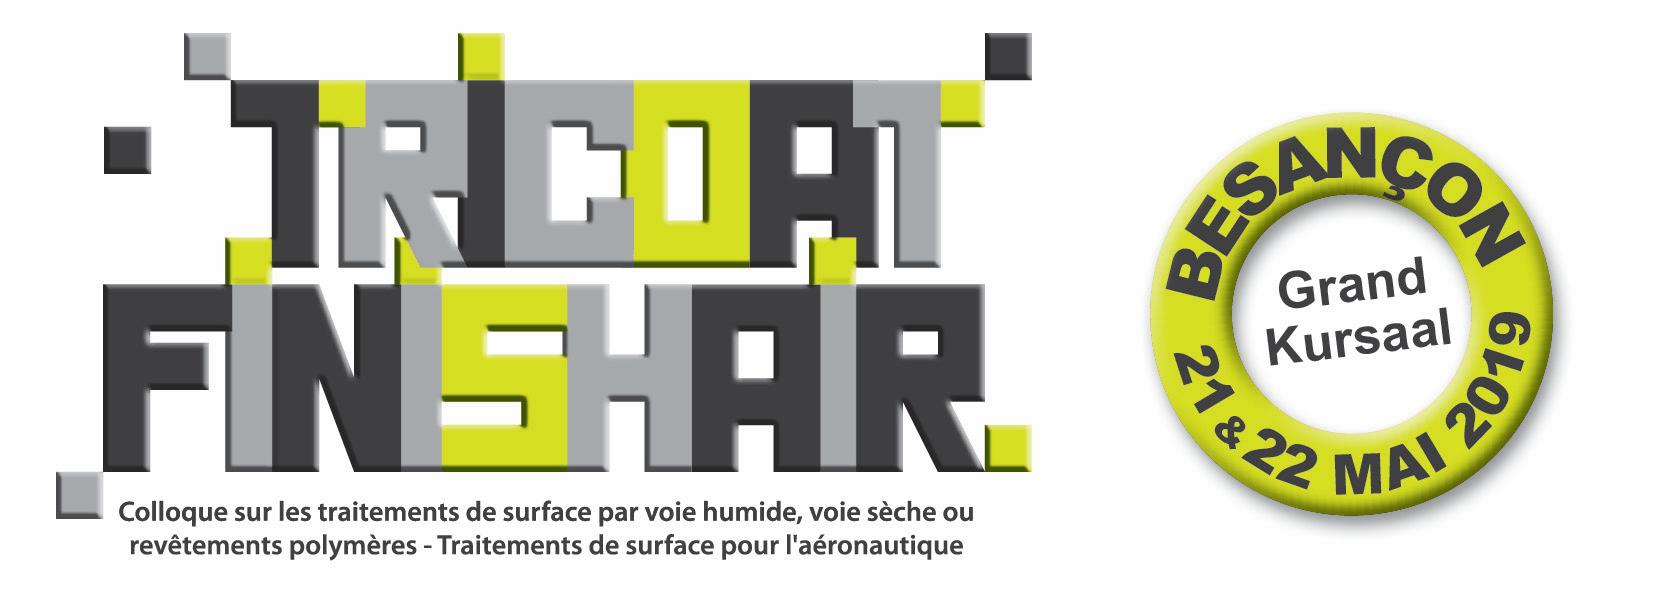 Colloque TRICOAT - FINISHAIR